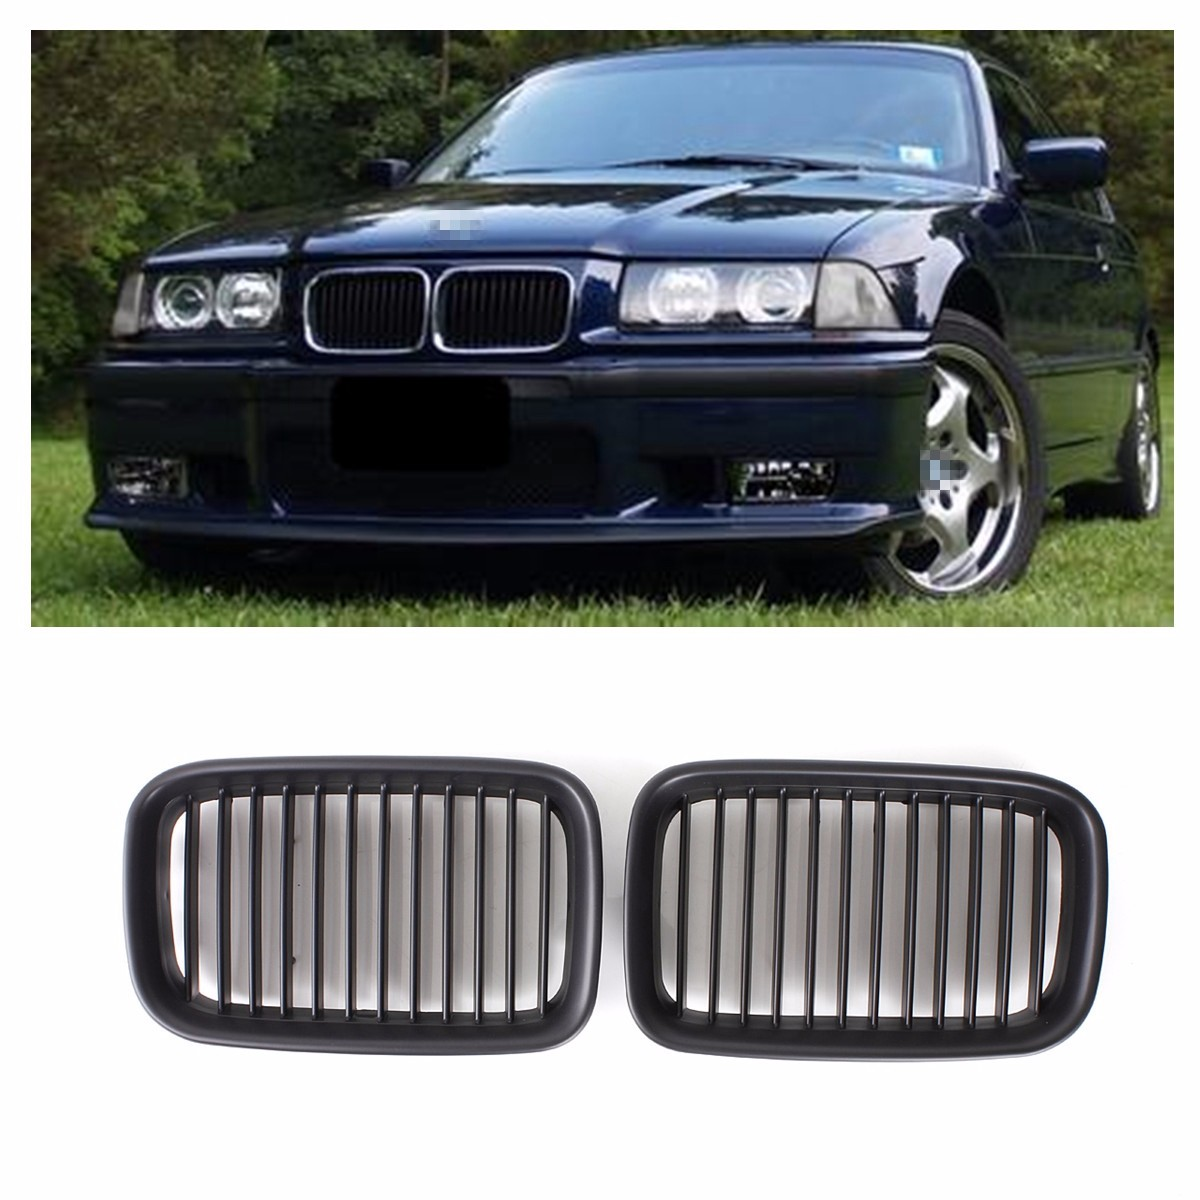 sett 2003 GRIGLIE NERO GRILL NERO  NUOVO per BMW E53  X5  1999